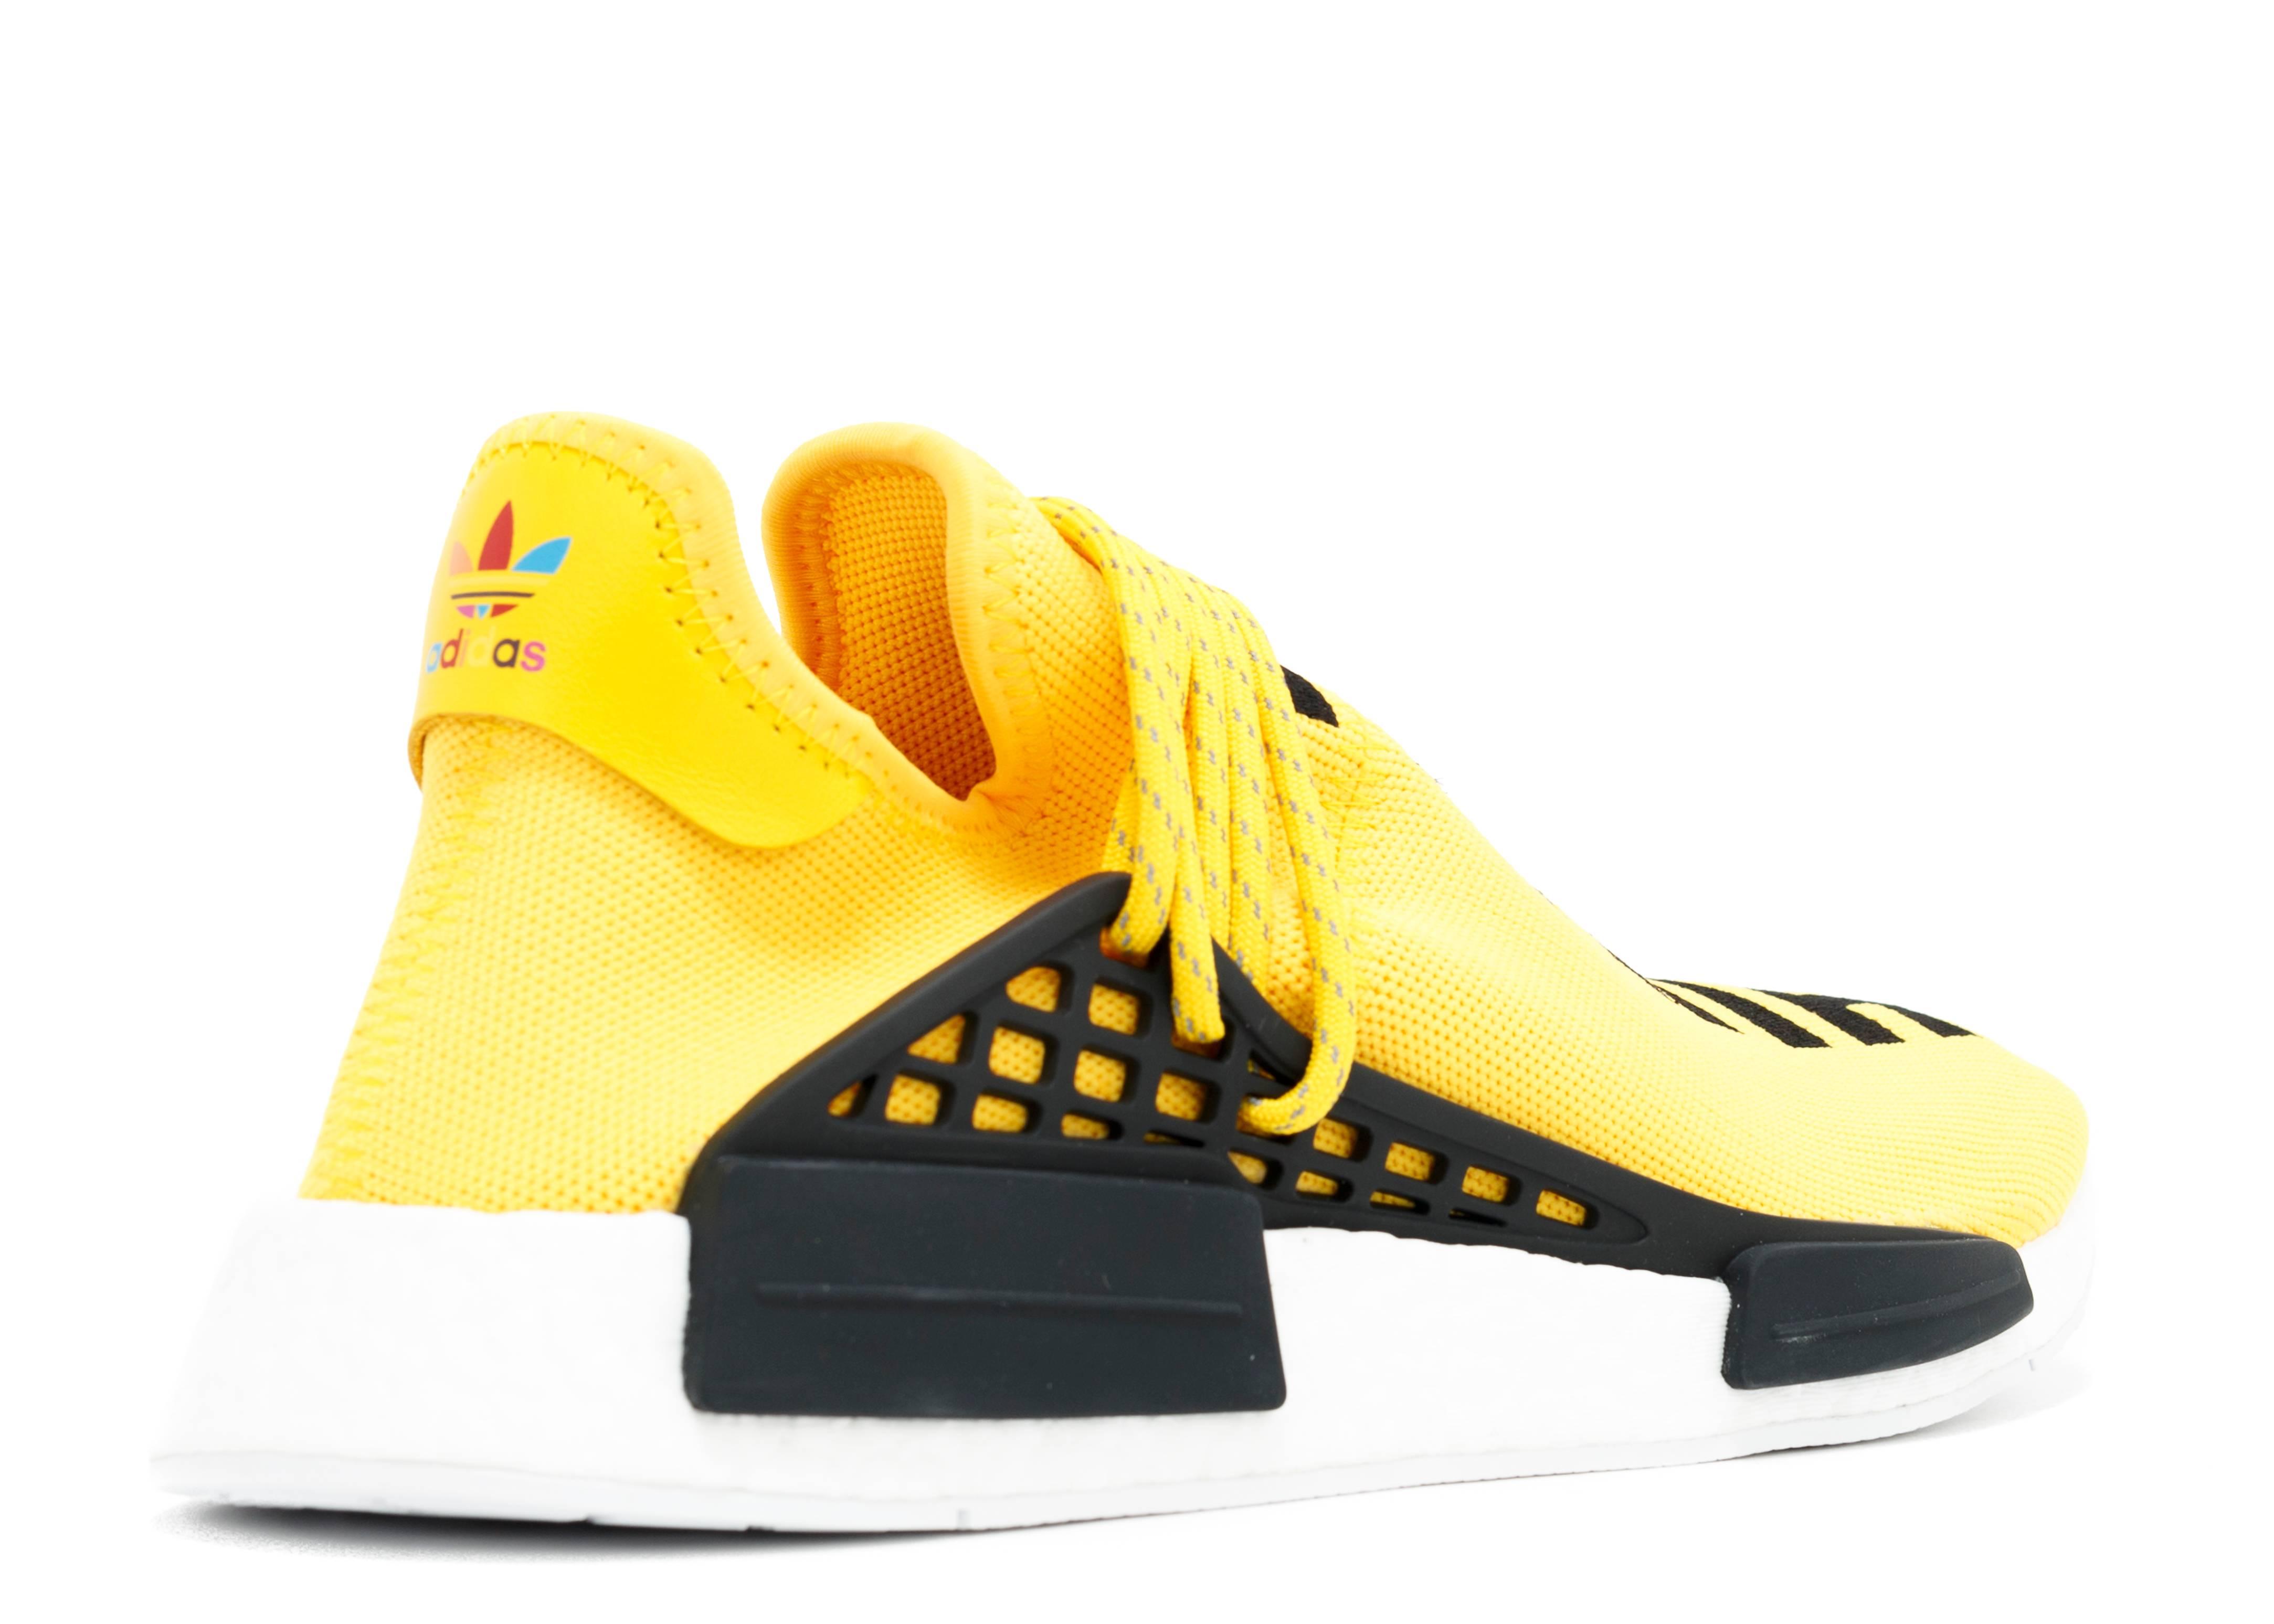 Adidas NMD XR1 BB2368 Shoes Maroon/Collegiate Burgundy/Ftwr